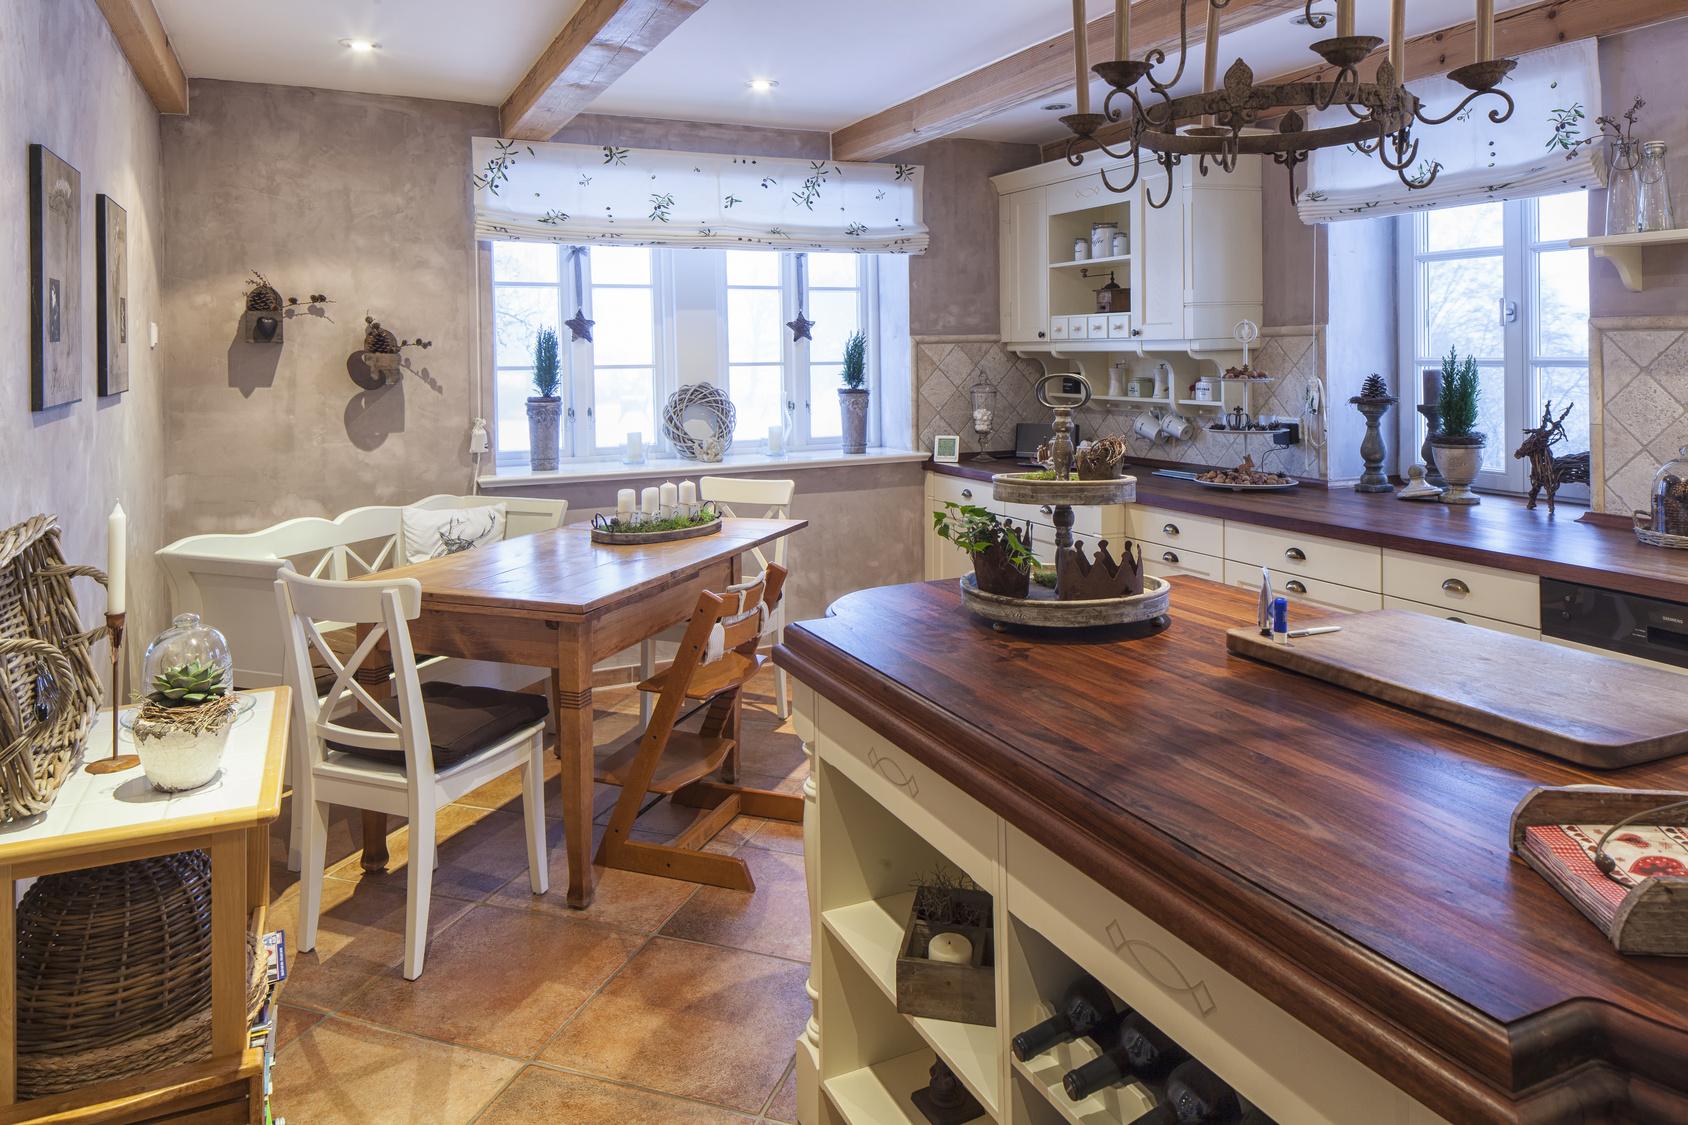 Kranzleiste Küche ist perfekt design für ihr haus ideen